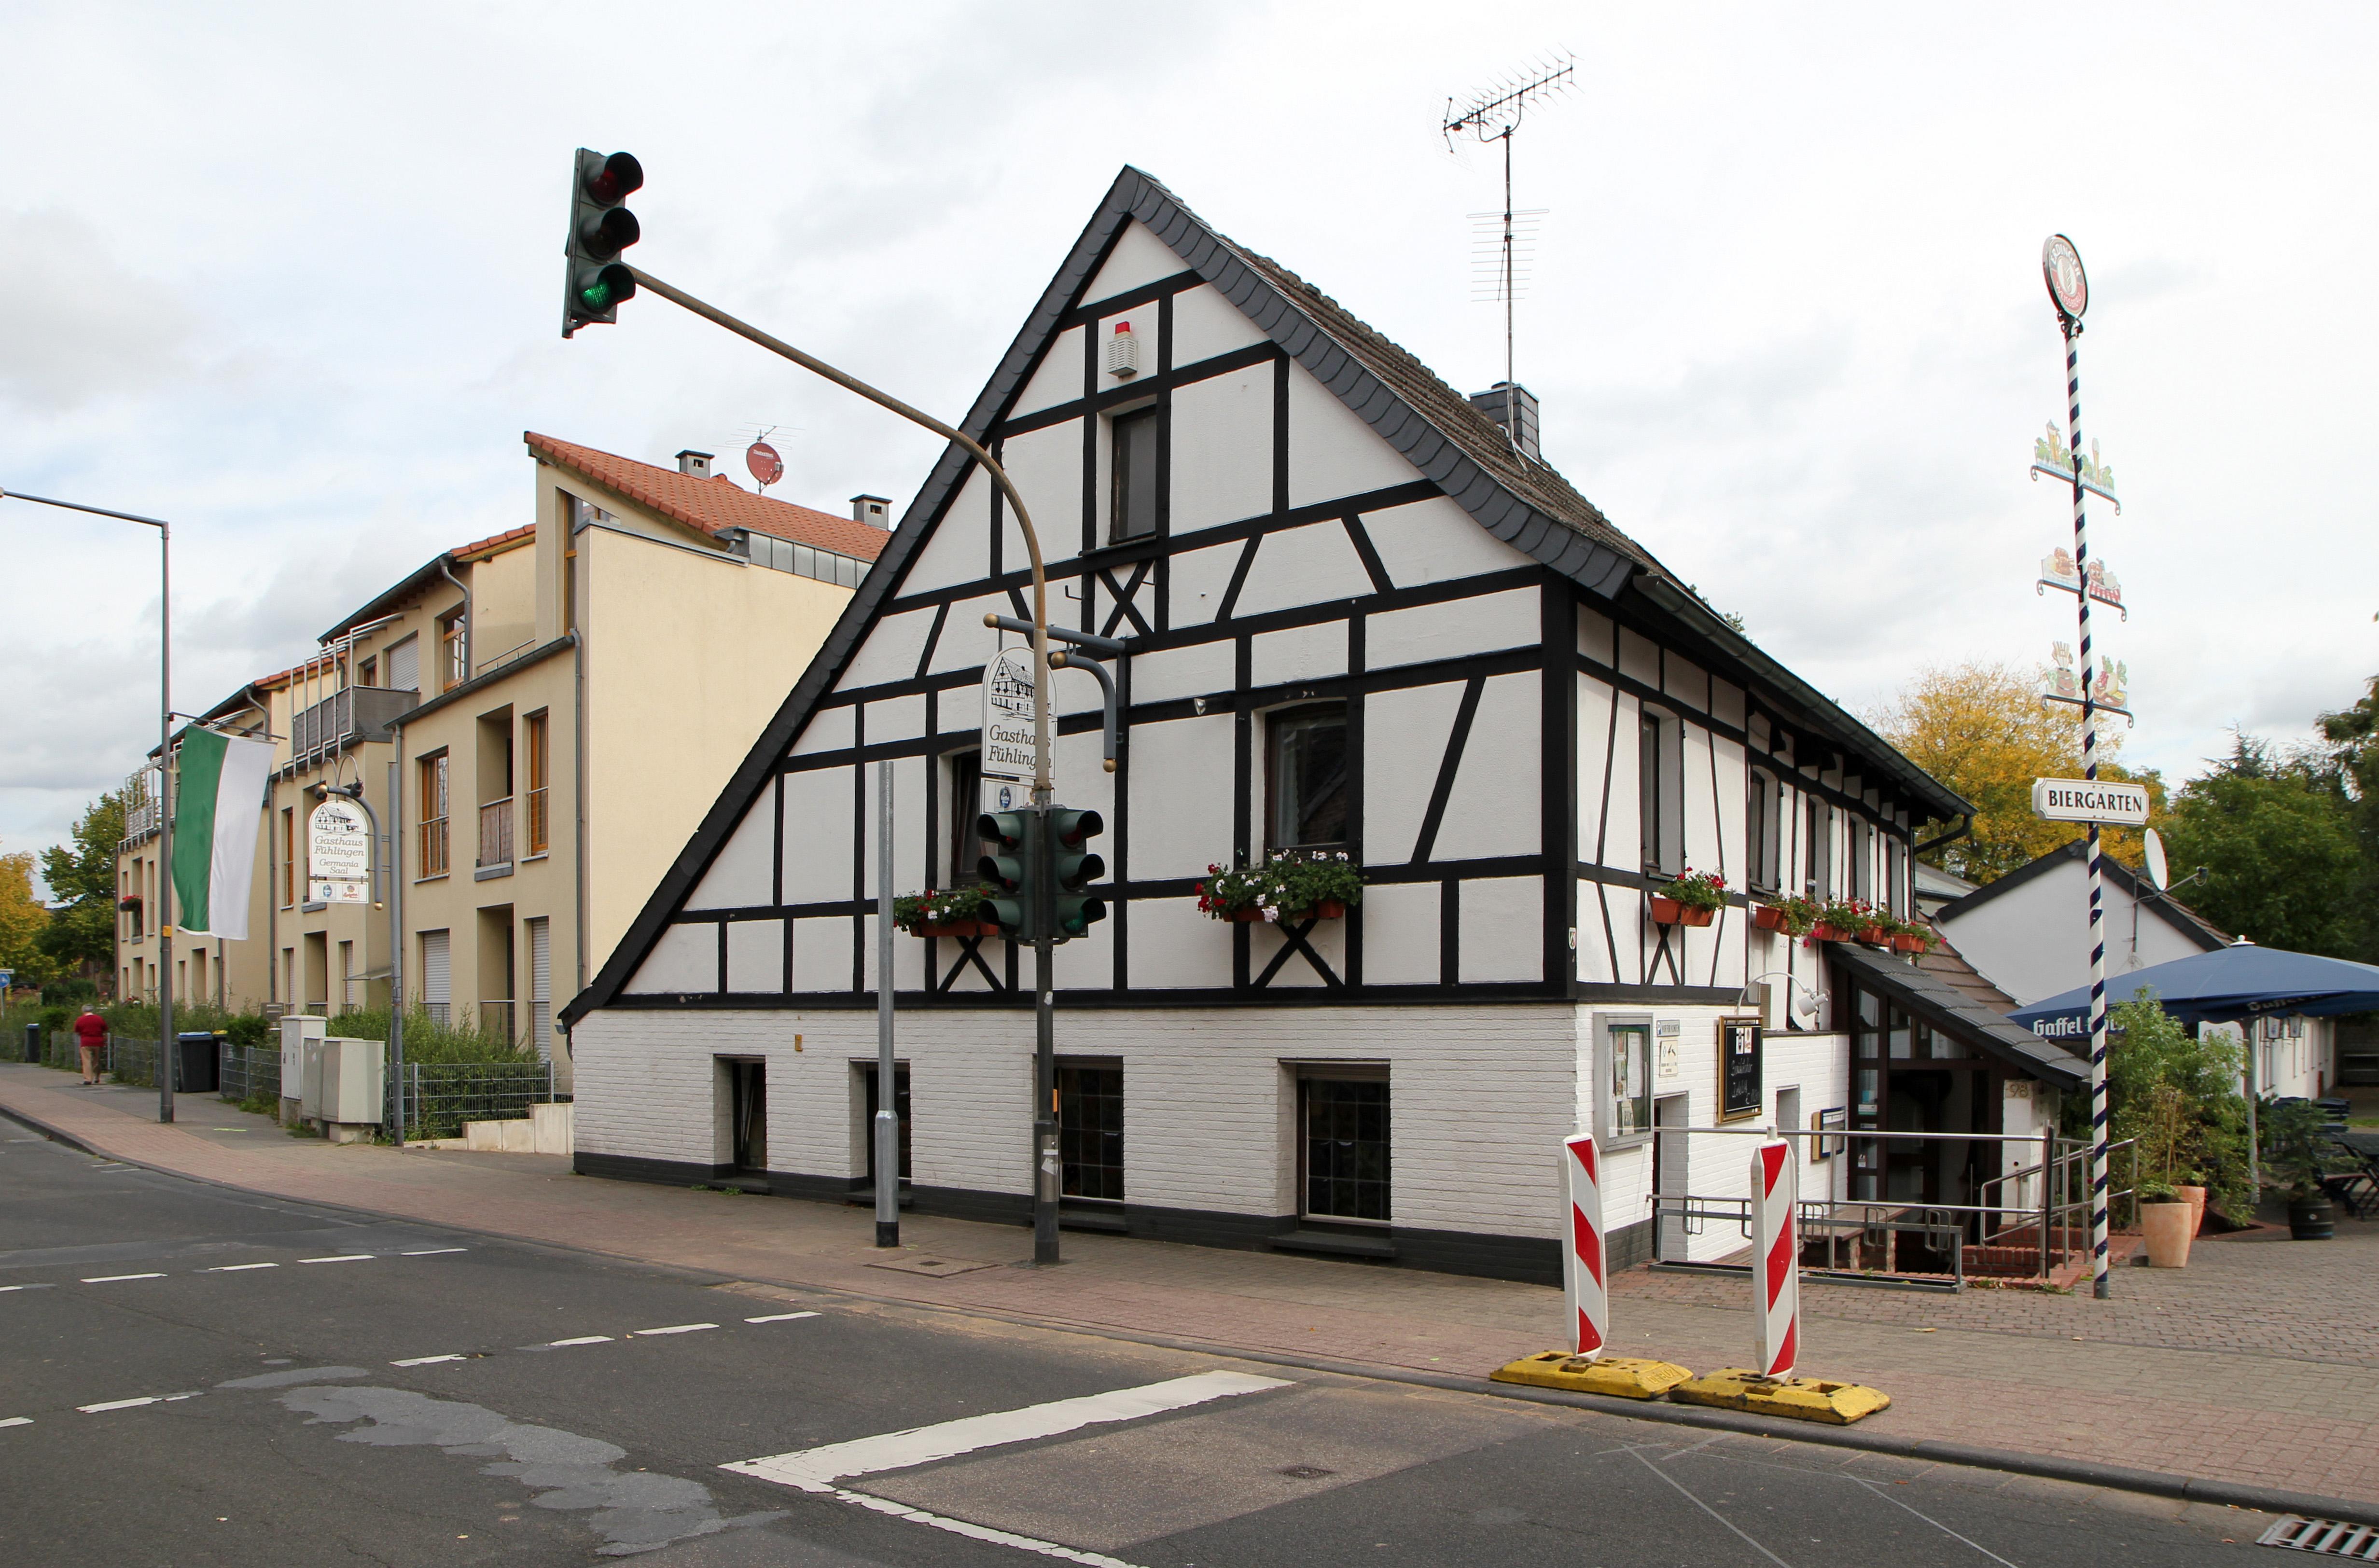 Neusser Landstra Ef Bf Bde   Koln Hotel